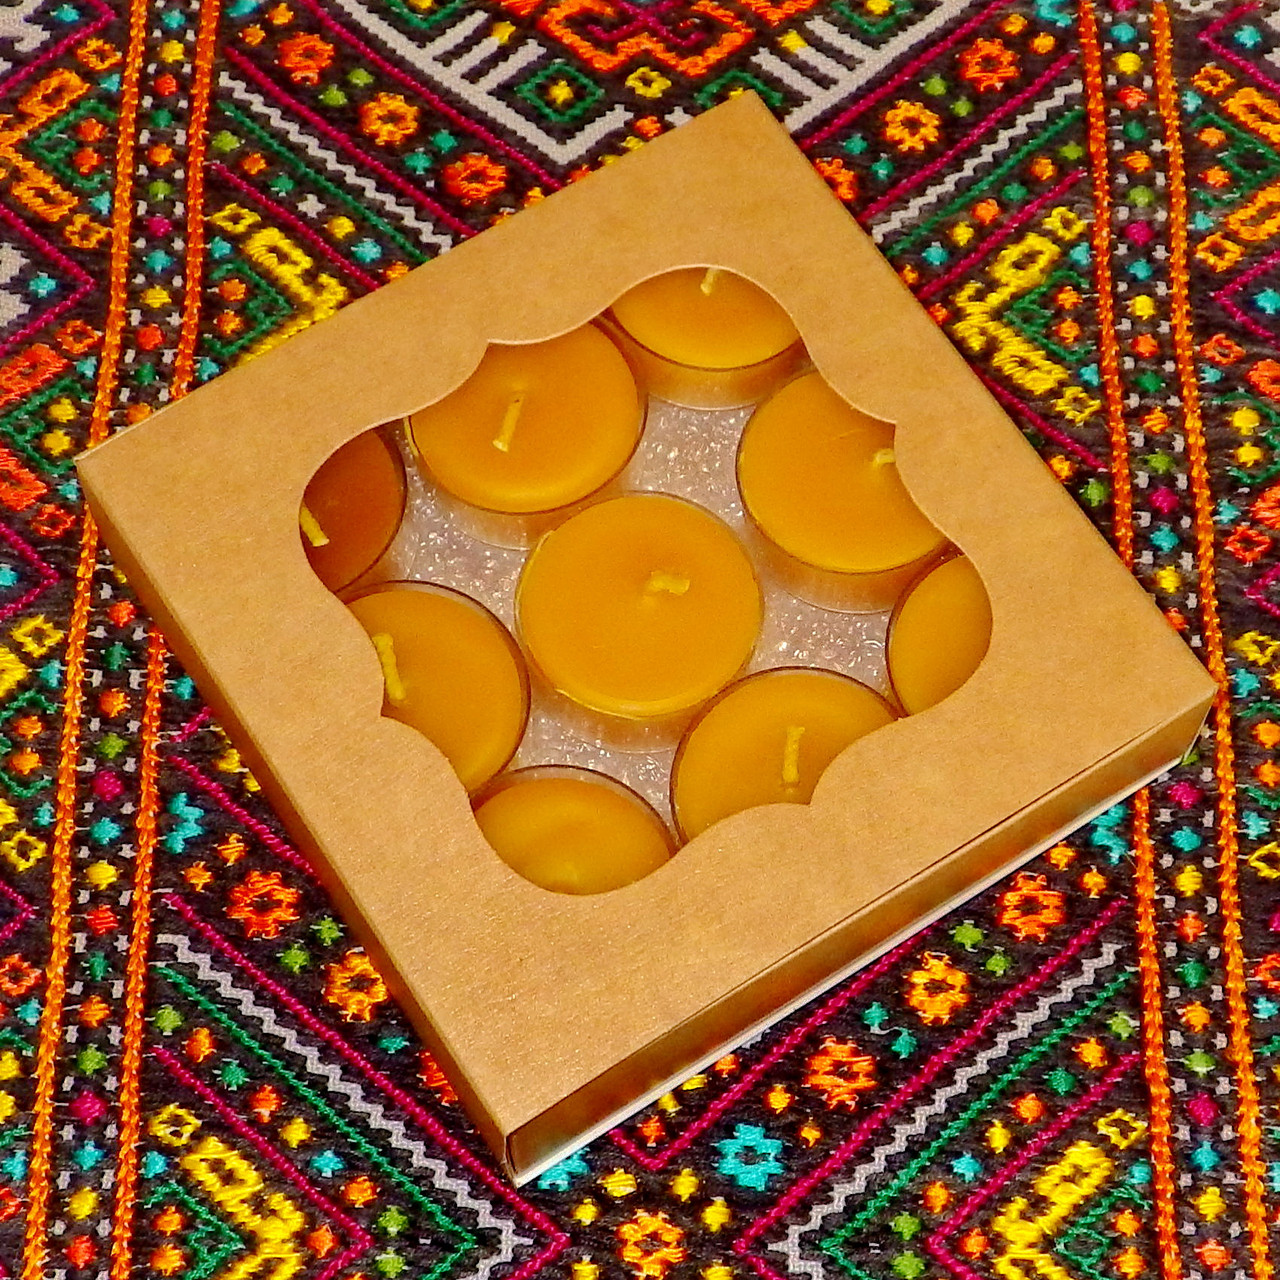 Подарочный набор круглых восковых чайных свечей 18г (9шт.) в коробке Бежевый Крафт